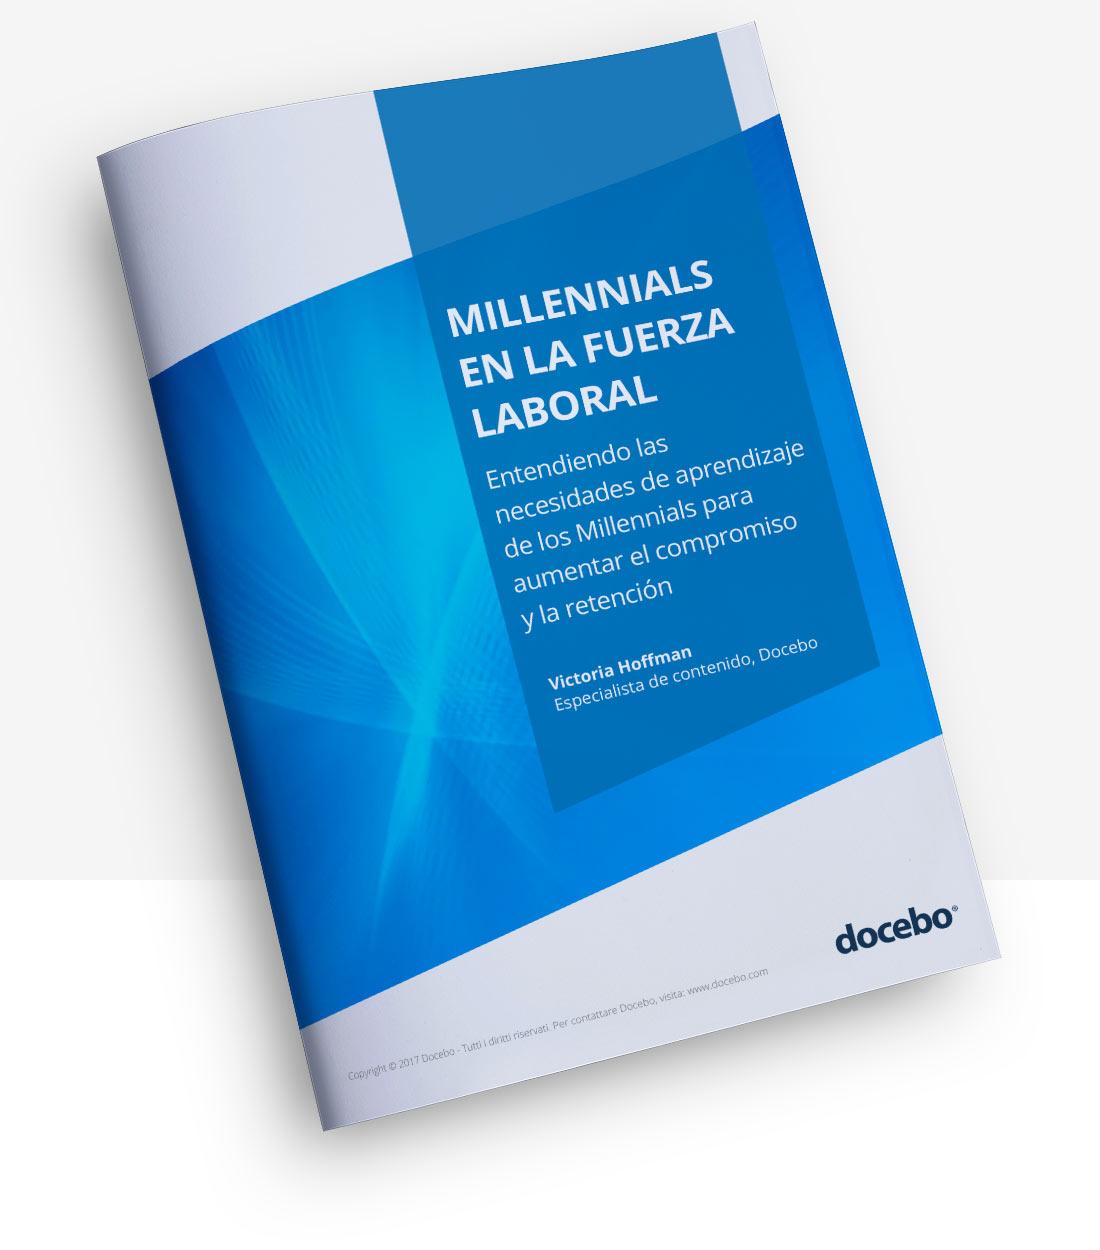 Aumente el compromiso y retención de los millennials